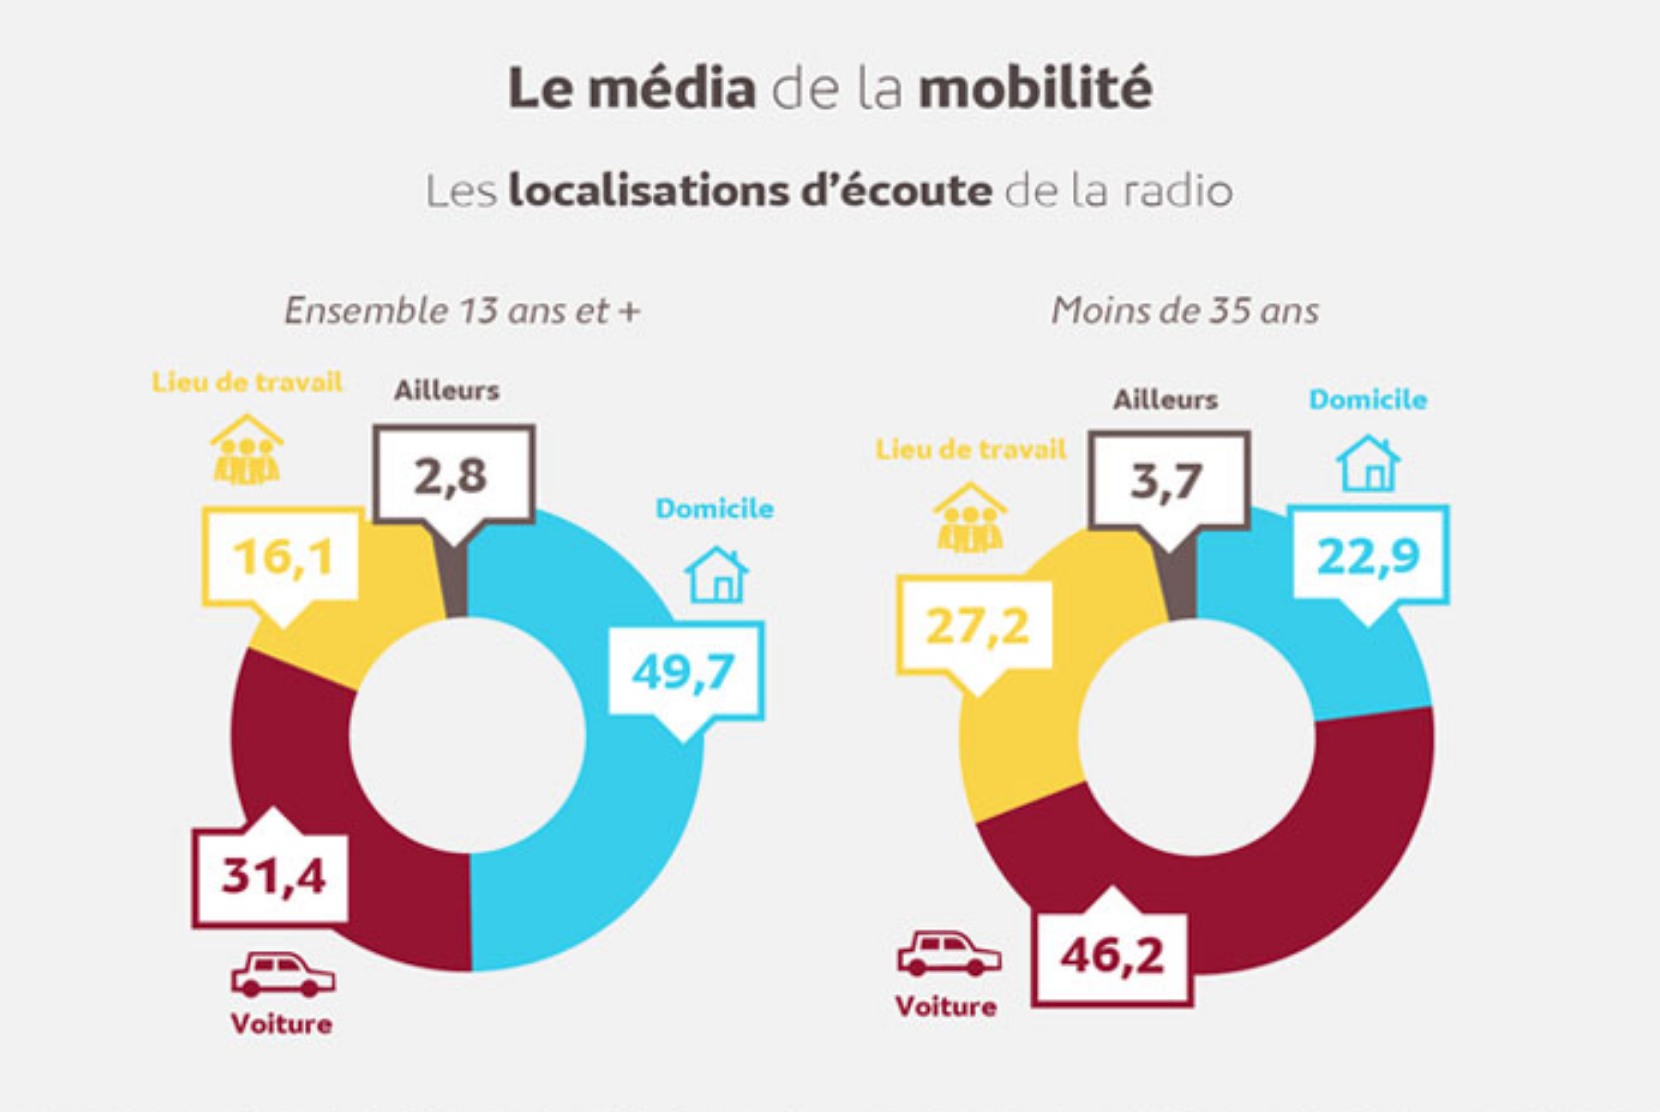 La radio est un média transgénérationnel